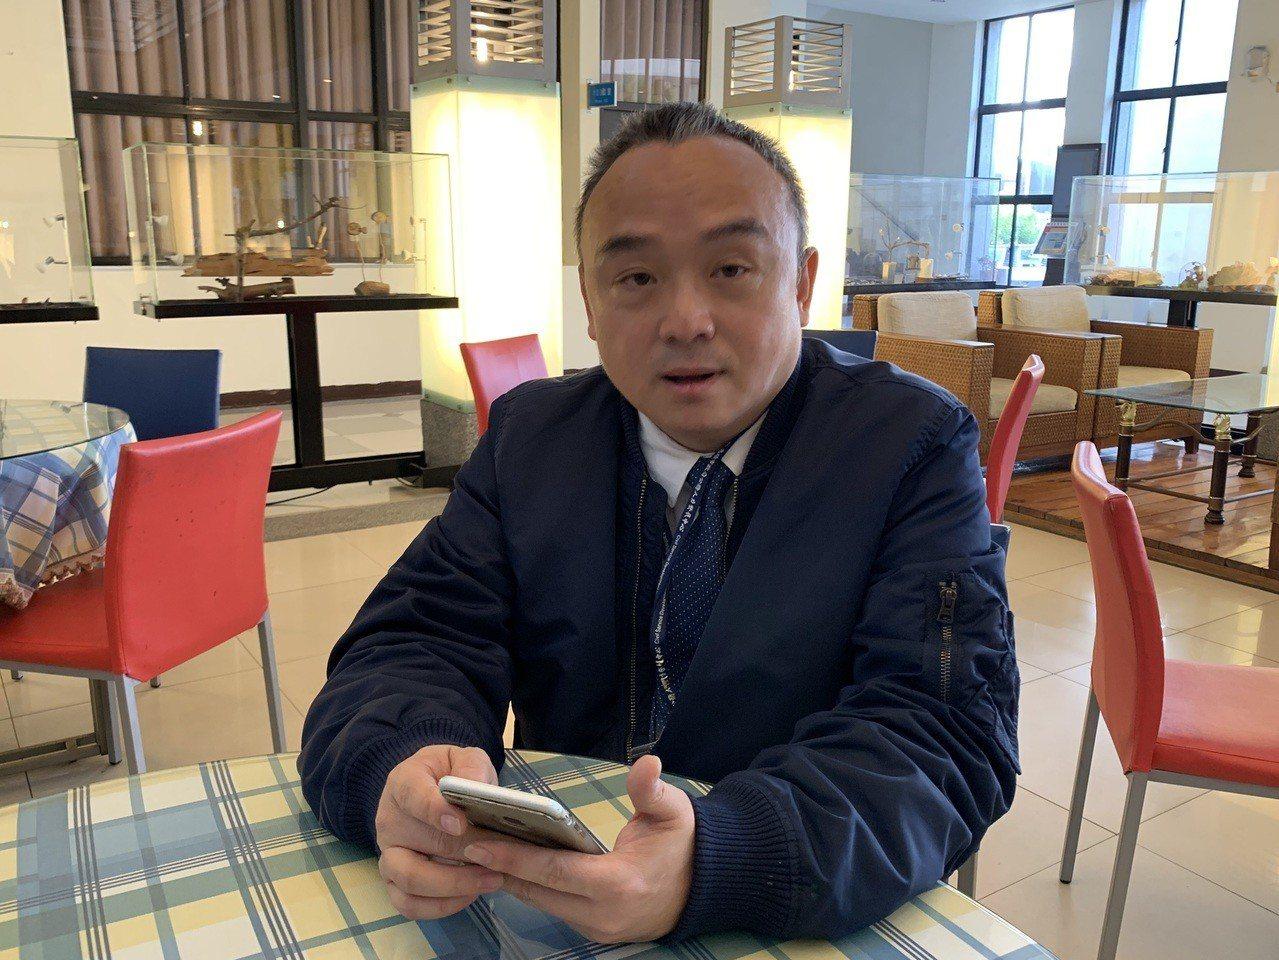 高雄市觀光局長潘恒旭是韓國瑜口中的點子王。 圖/聯合報系資料照片